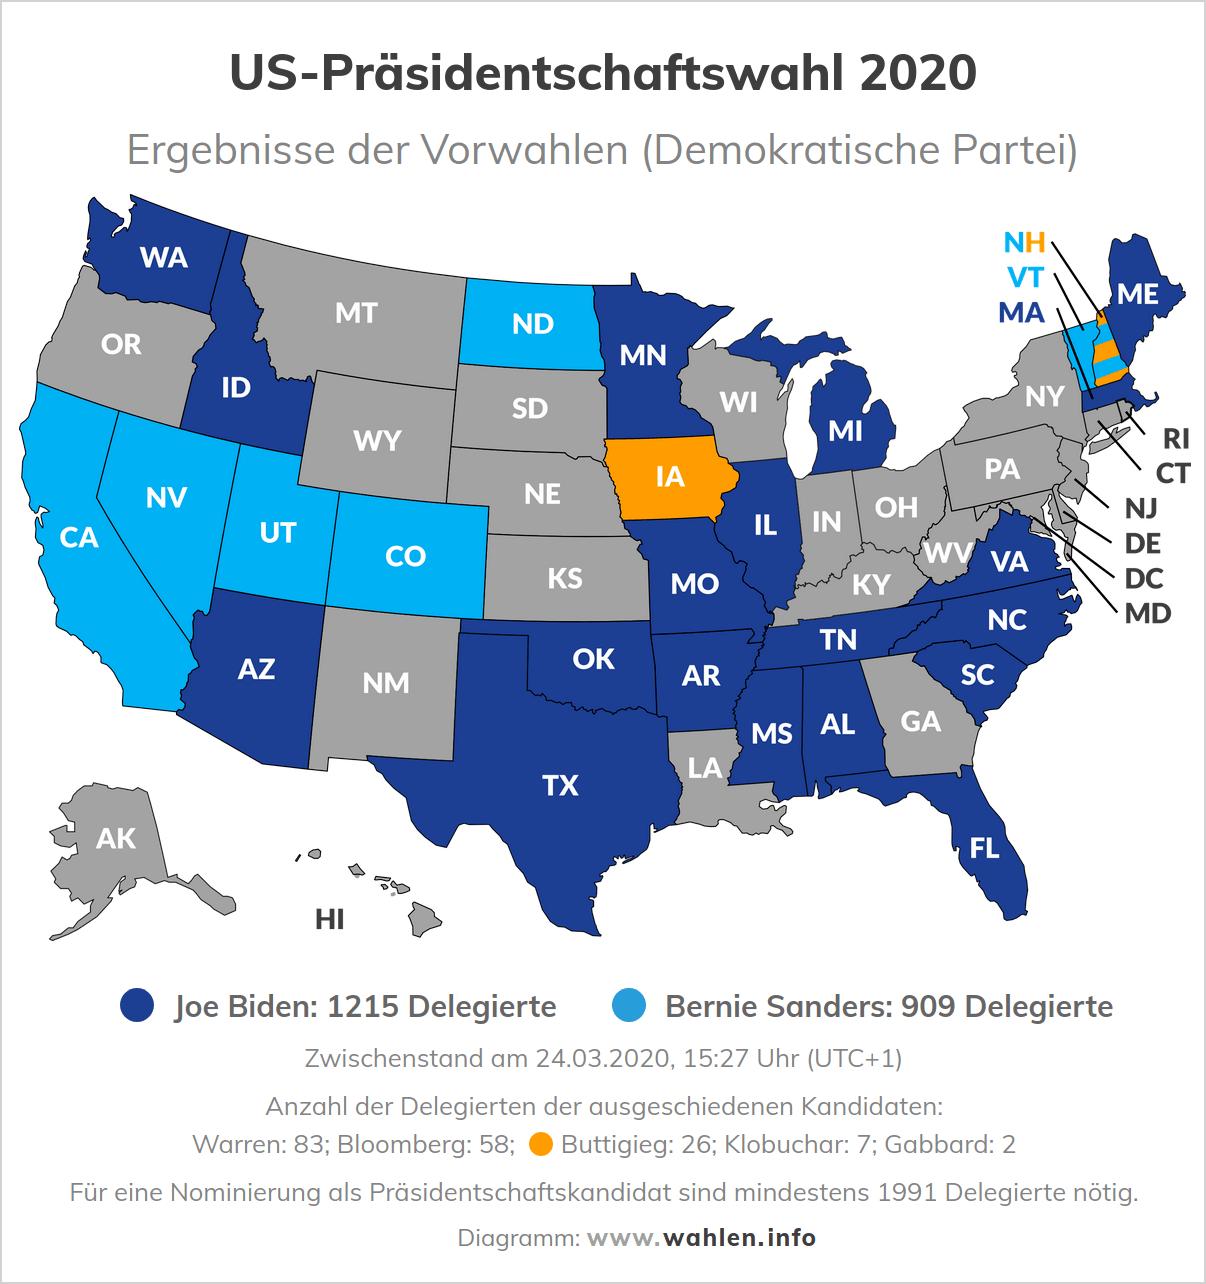 Präsidentschaftswahl in den USA - Ergebnisse der Vorwahlen der Demokraten (Karte)